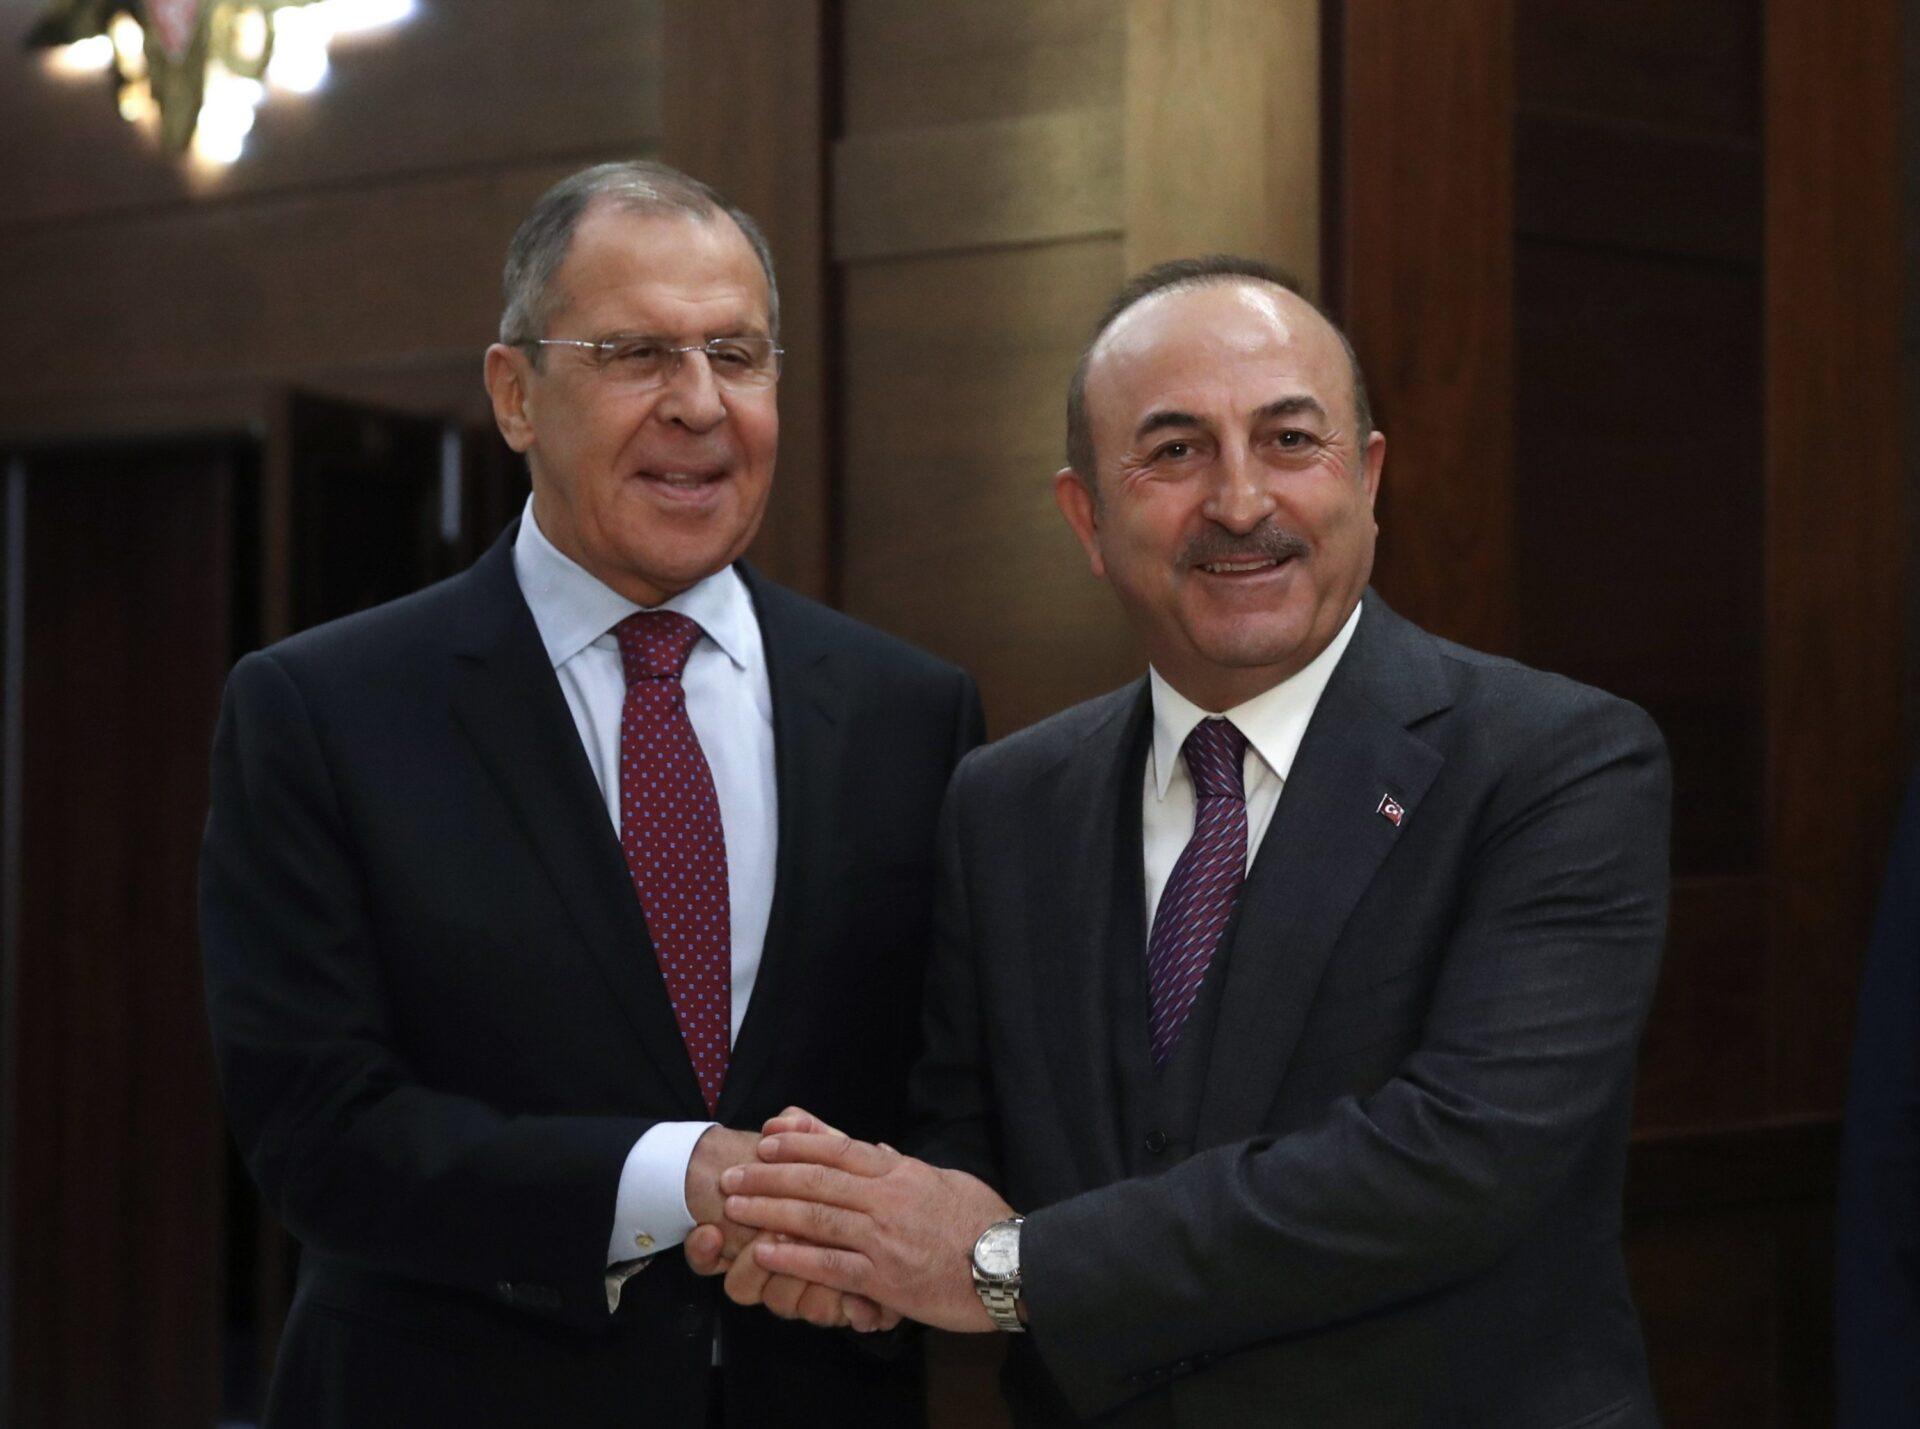 ΟΙ ΤΟΥΡΚΟΙ ΕΙΝΑΙ ΦΙΛΟΙ ΜΑΣ: Ρωσία για Τουρκικούς S-400